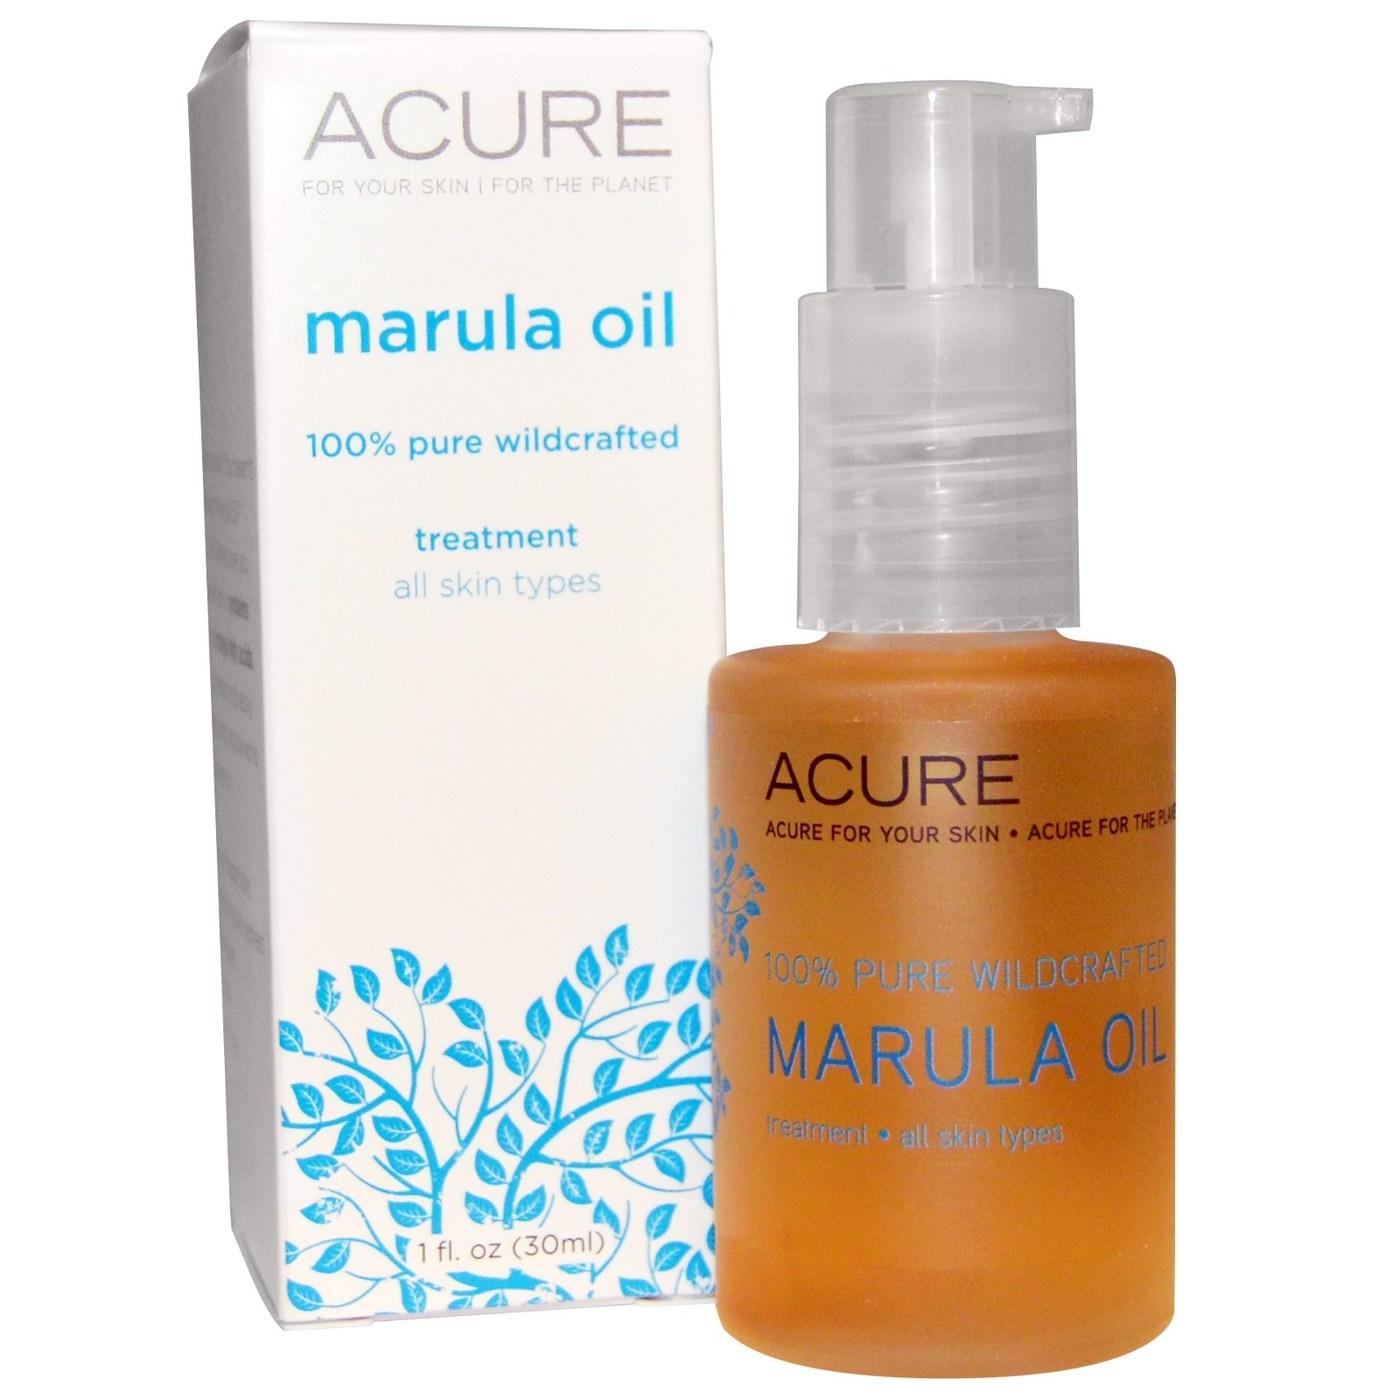 Buy Acure Organics Marula Oil